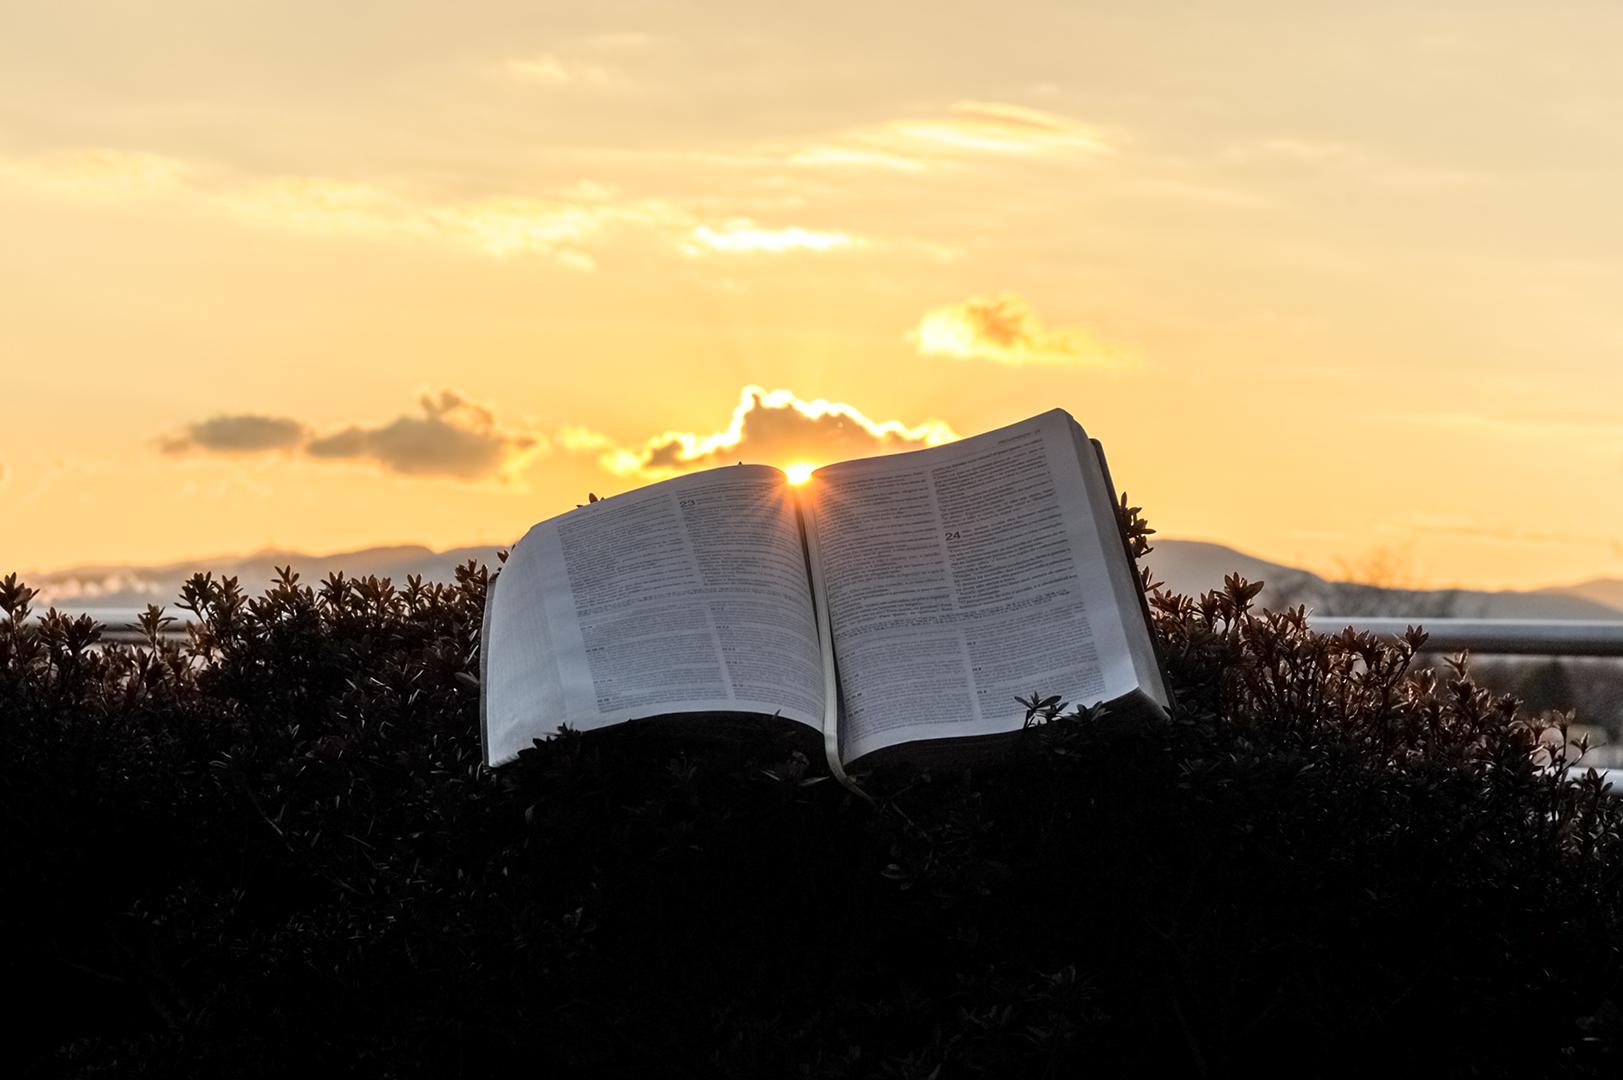 Lea la Biblia en un año : 219º día11 min read